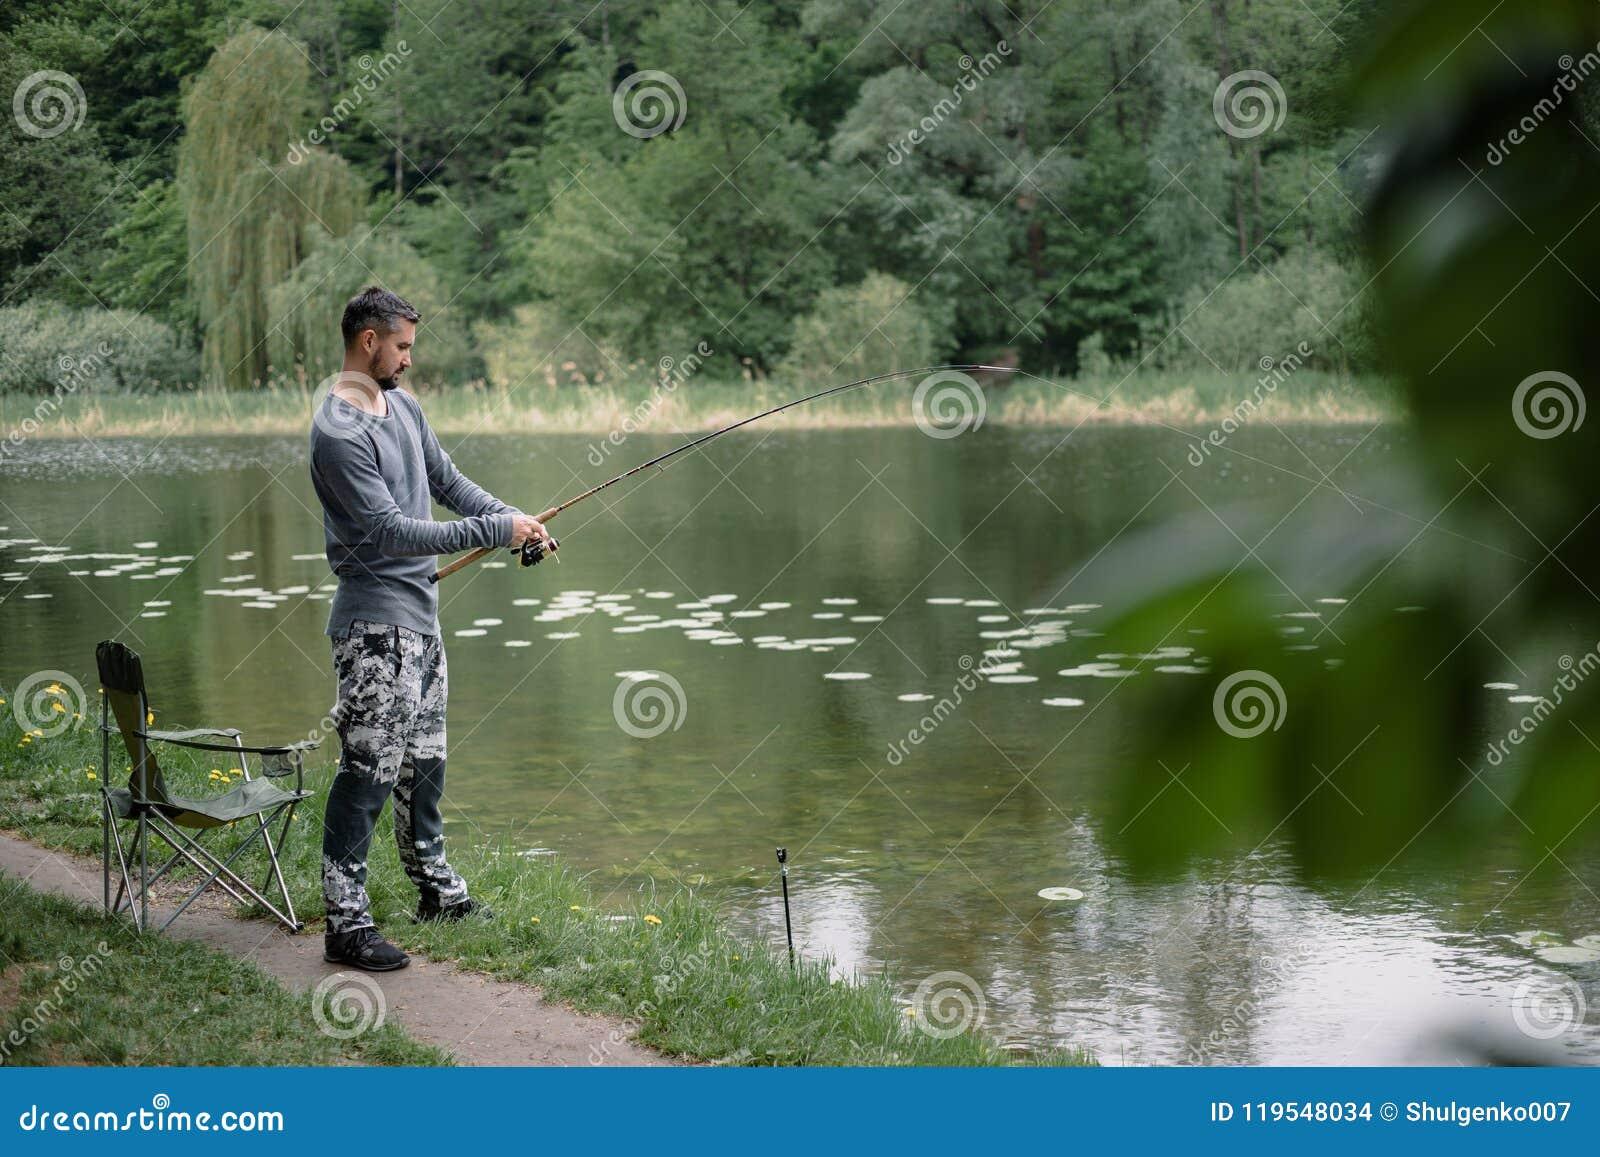 Χυτή ψαράς ράβδος αλιείας στη λίμνη ή το νερό ποταμού Άτομο με την περιστροφή του εξοπλισμού στον πράσινο δασικό υγιή τρόπο ζωής